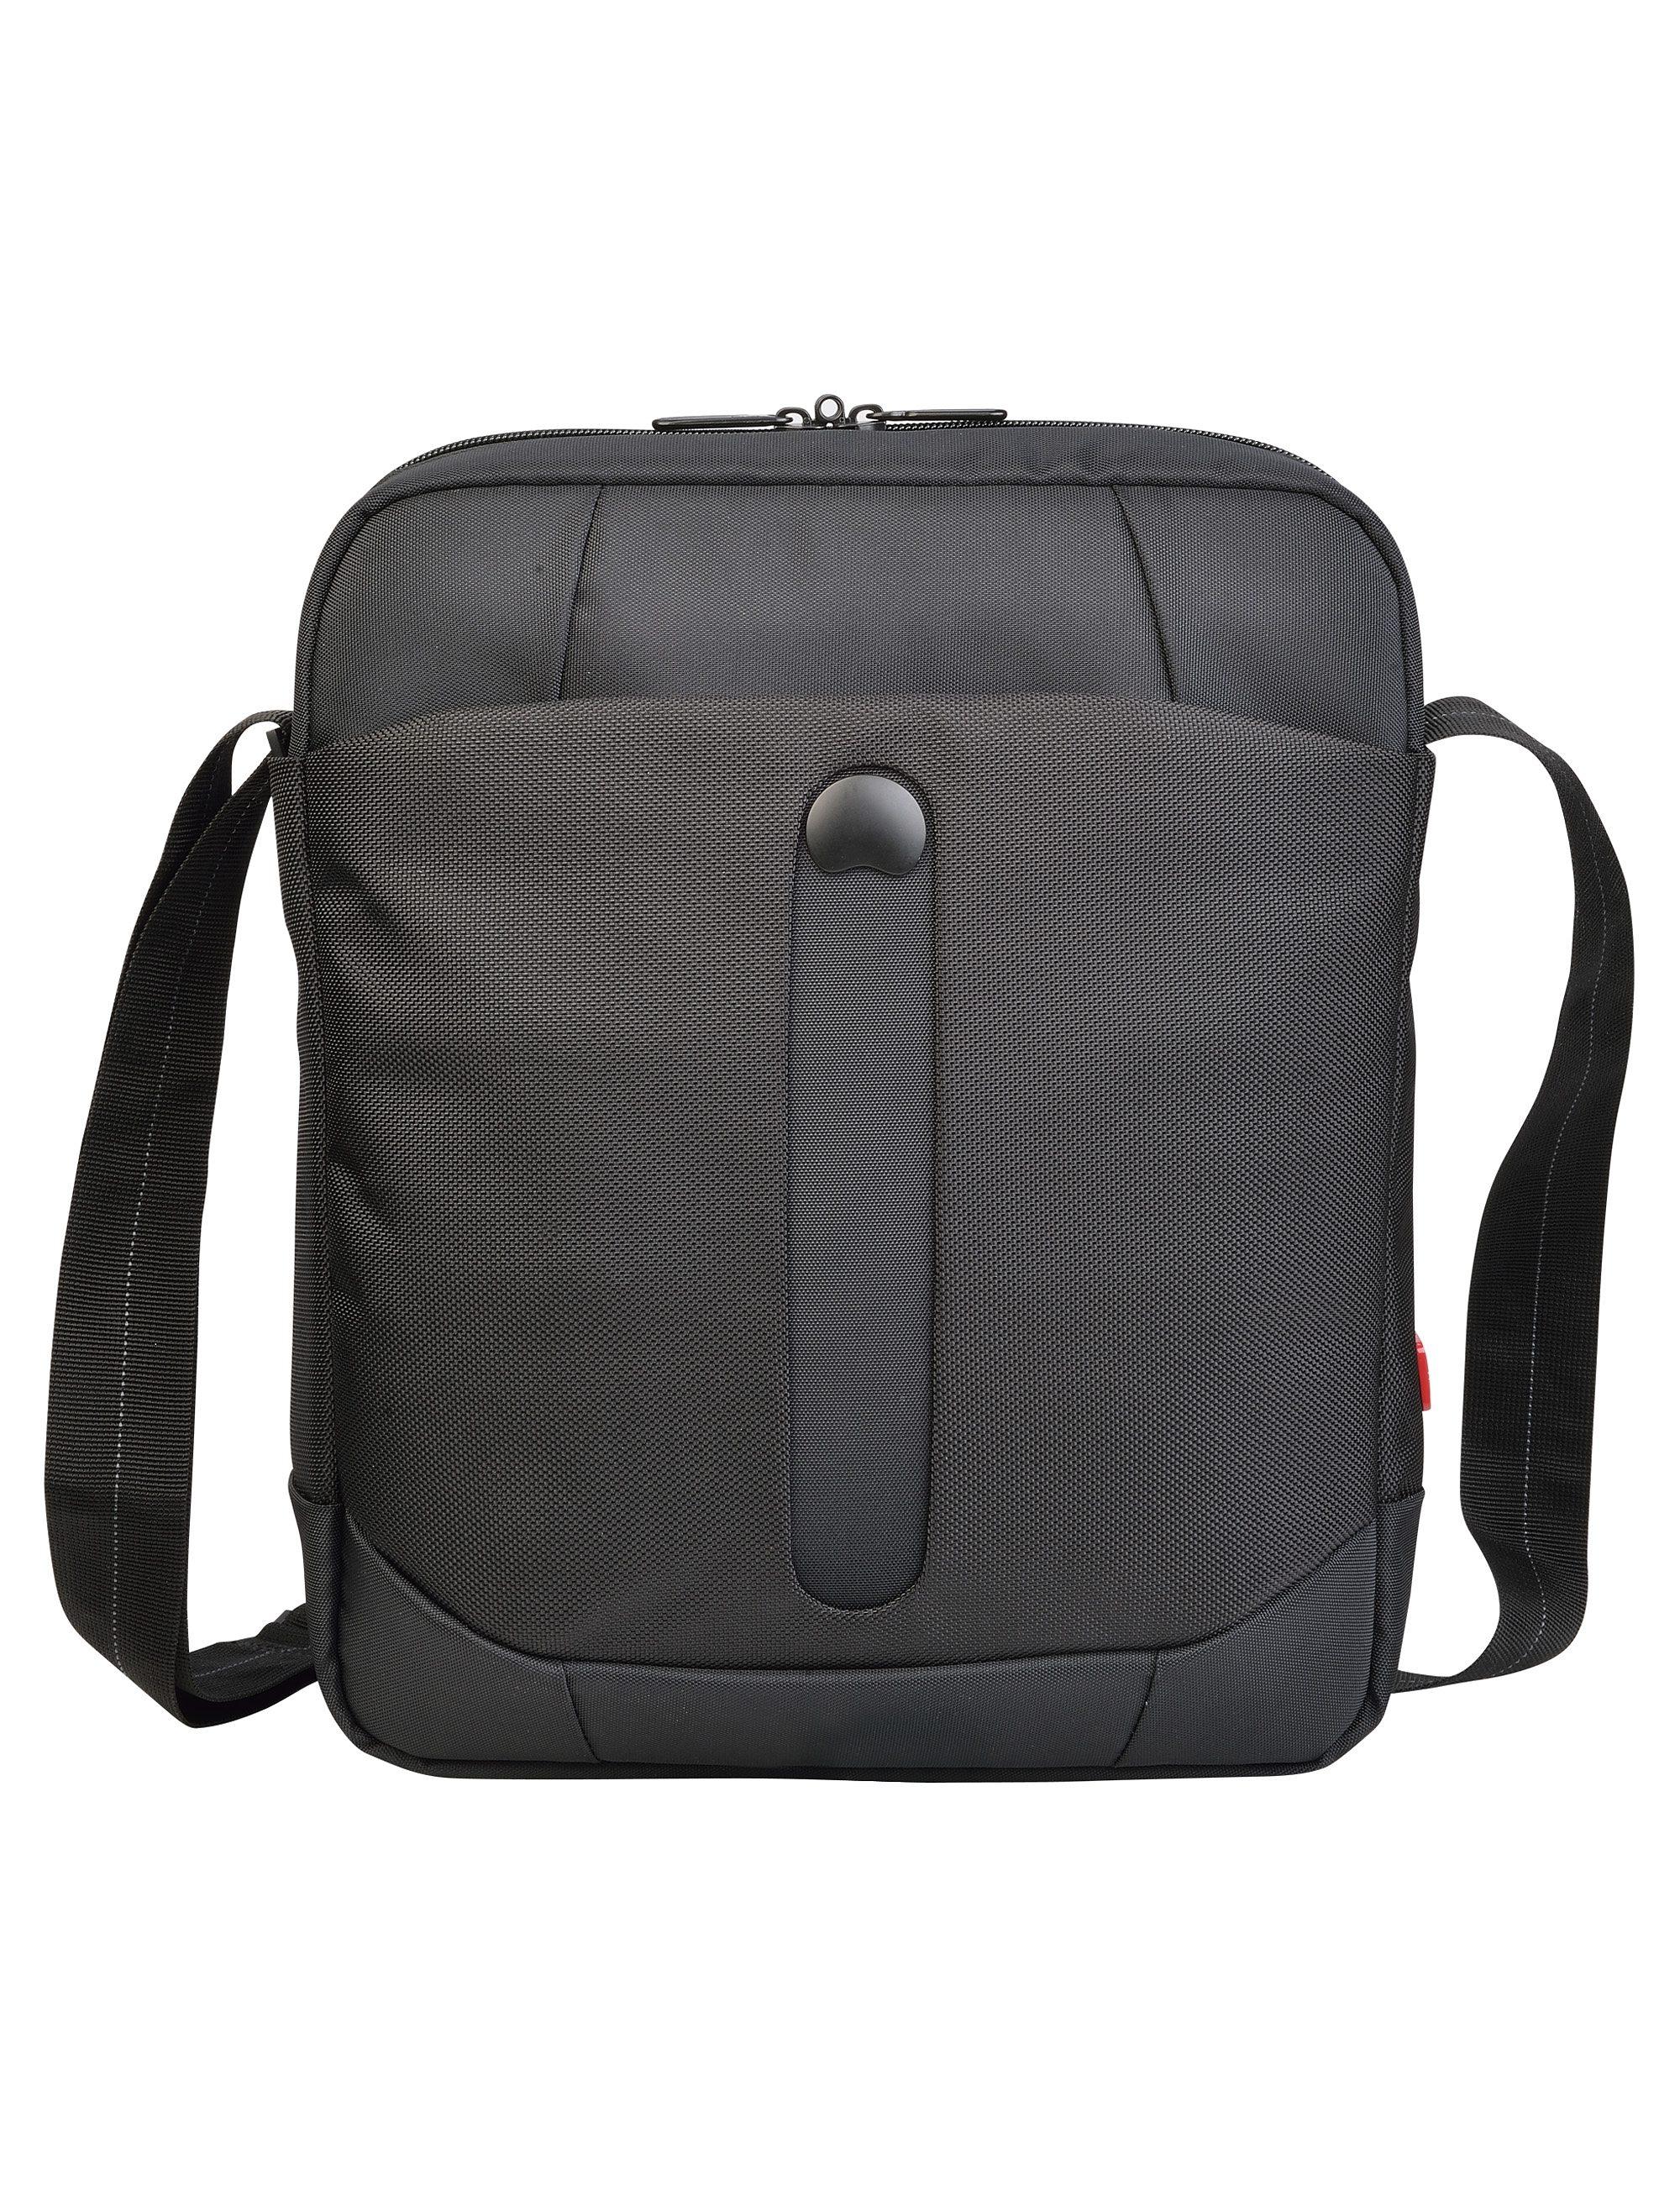 DELSEY Umhängetasche mit 13,3-Zoll Laptopfach, »Bellecour«